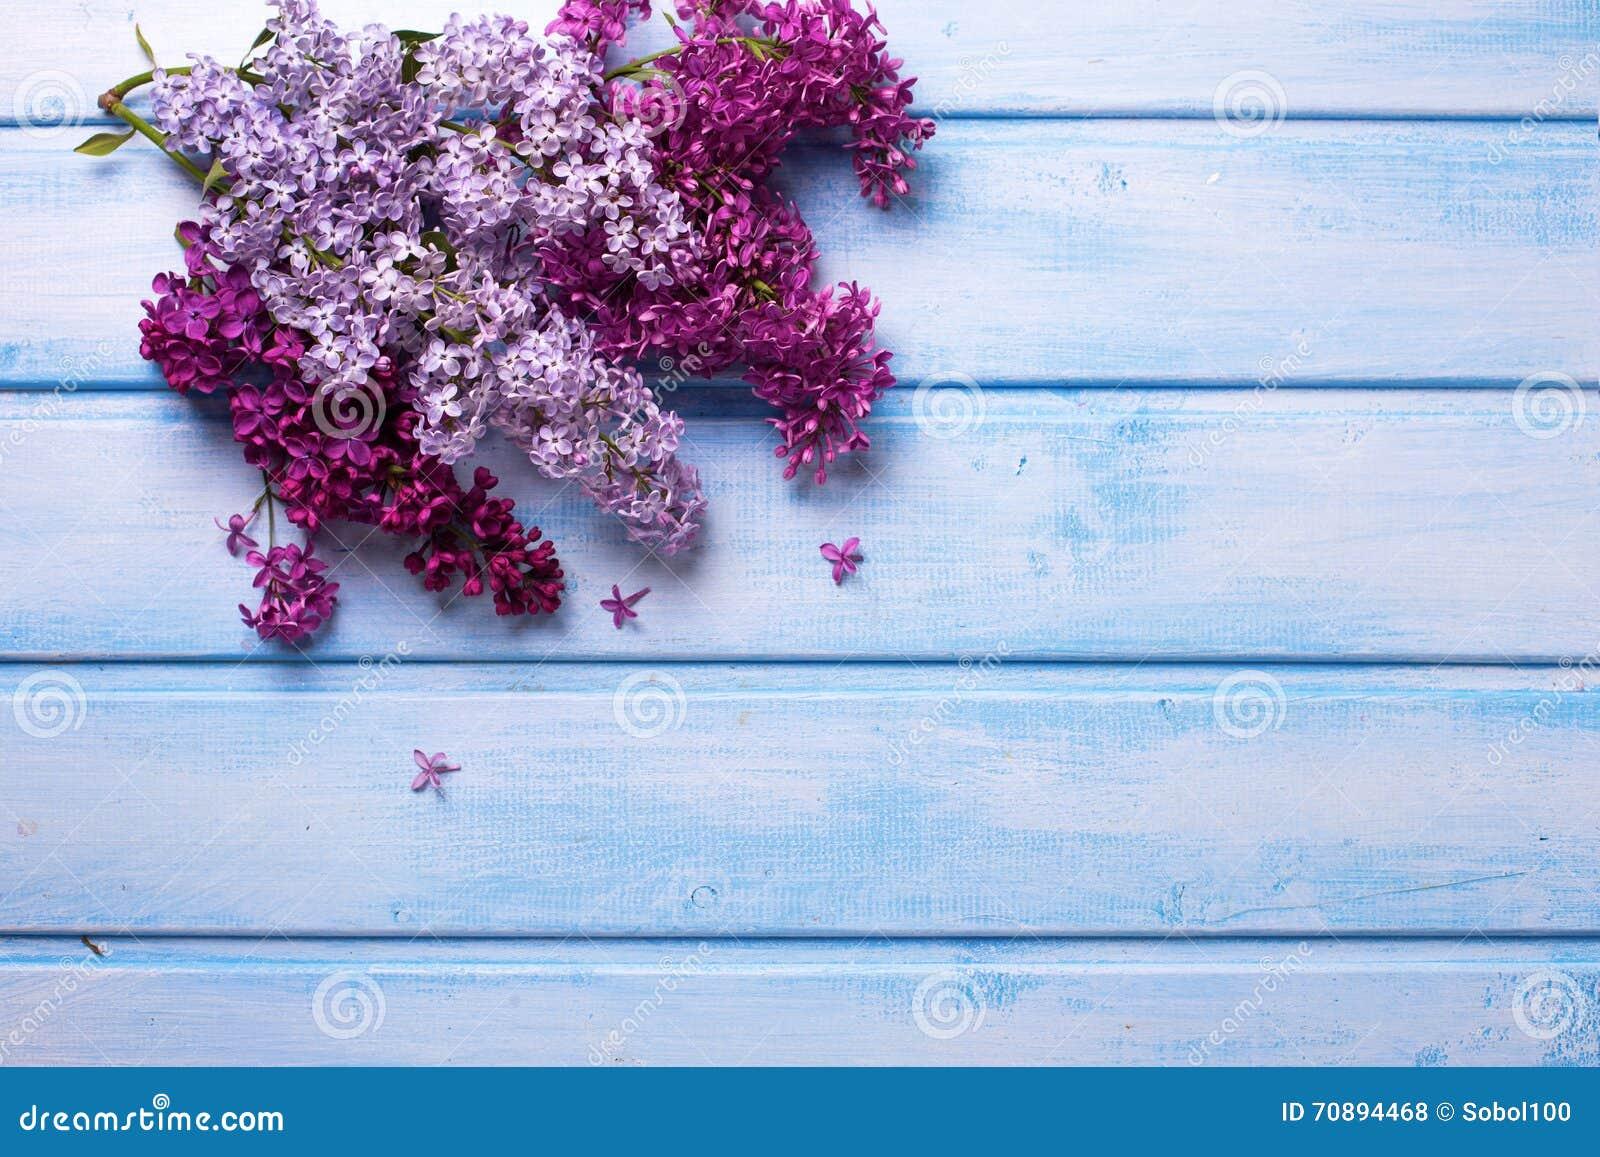 Fundo Com As Flores Lilás Aromáticas Frescas No Plano De Madeira ...